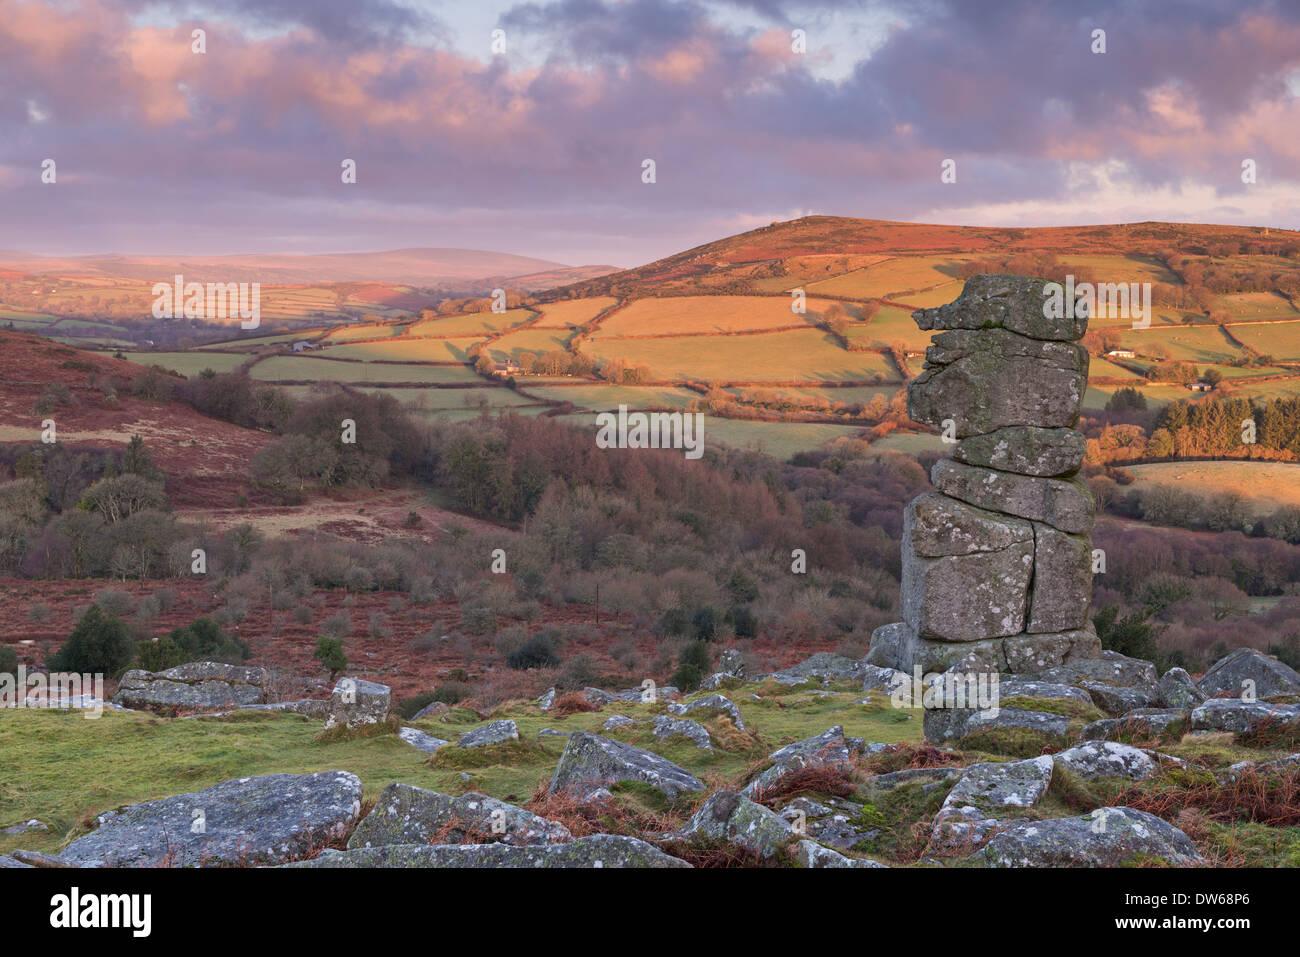 Bowerman's Nose on Dartmoor, Devon, England. Winter (January) 2014. - Stock Image